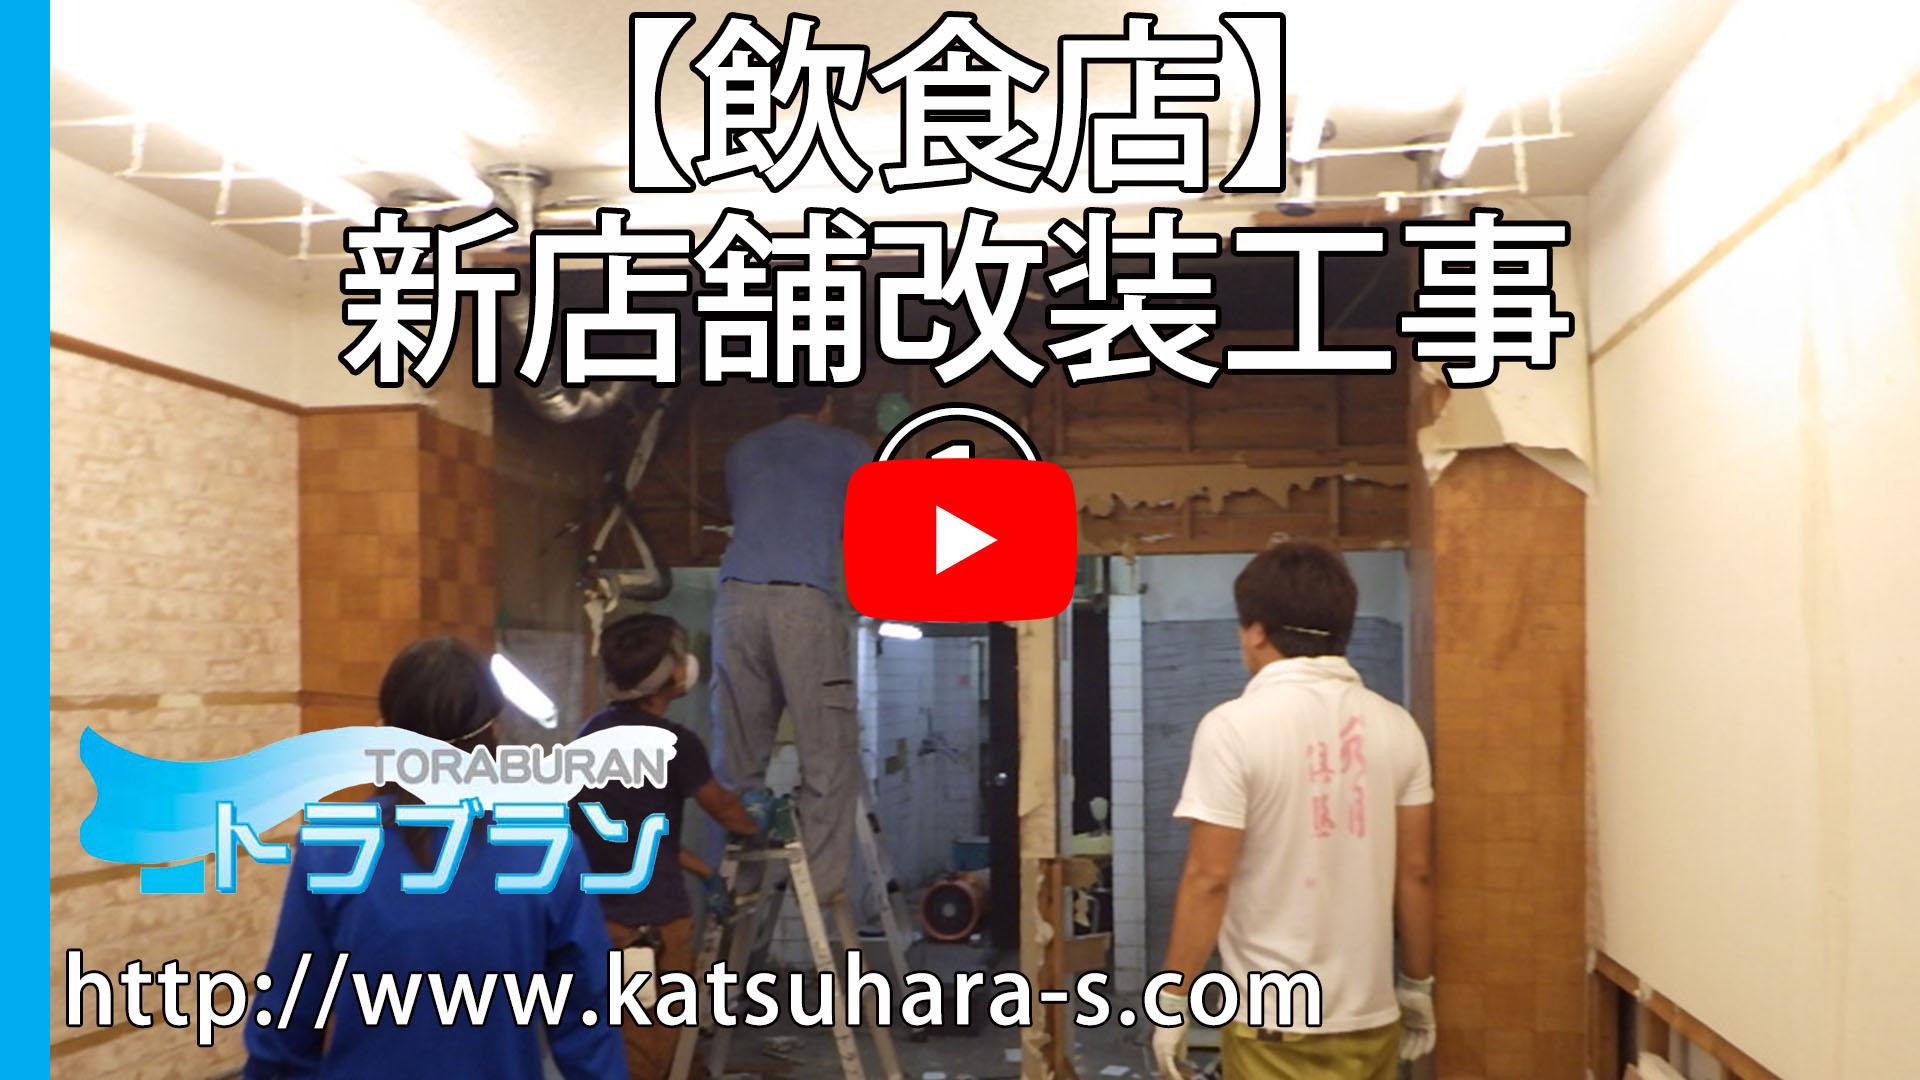 【飲食店】新店舗改装工事①のサムネイルb